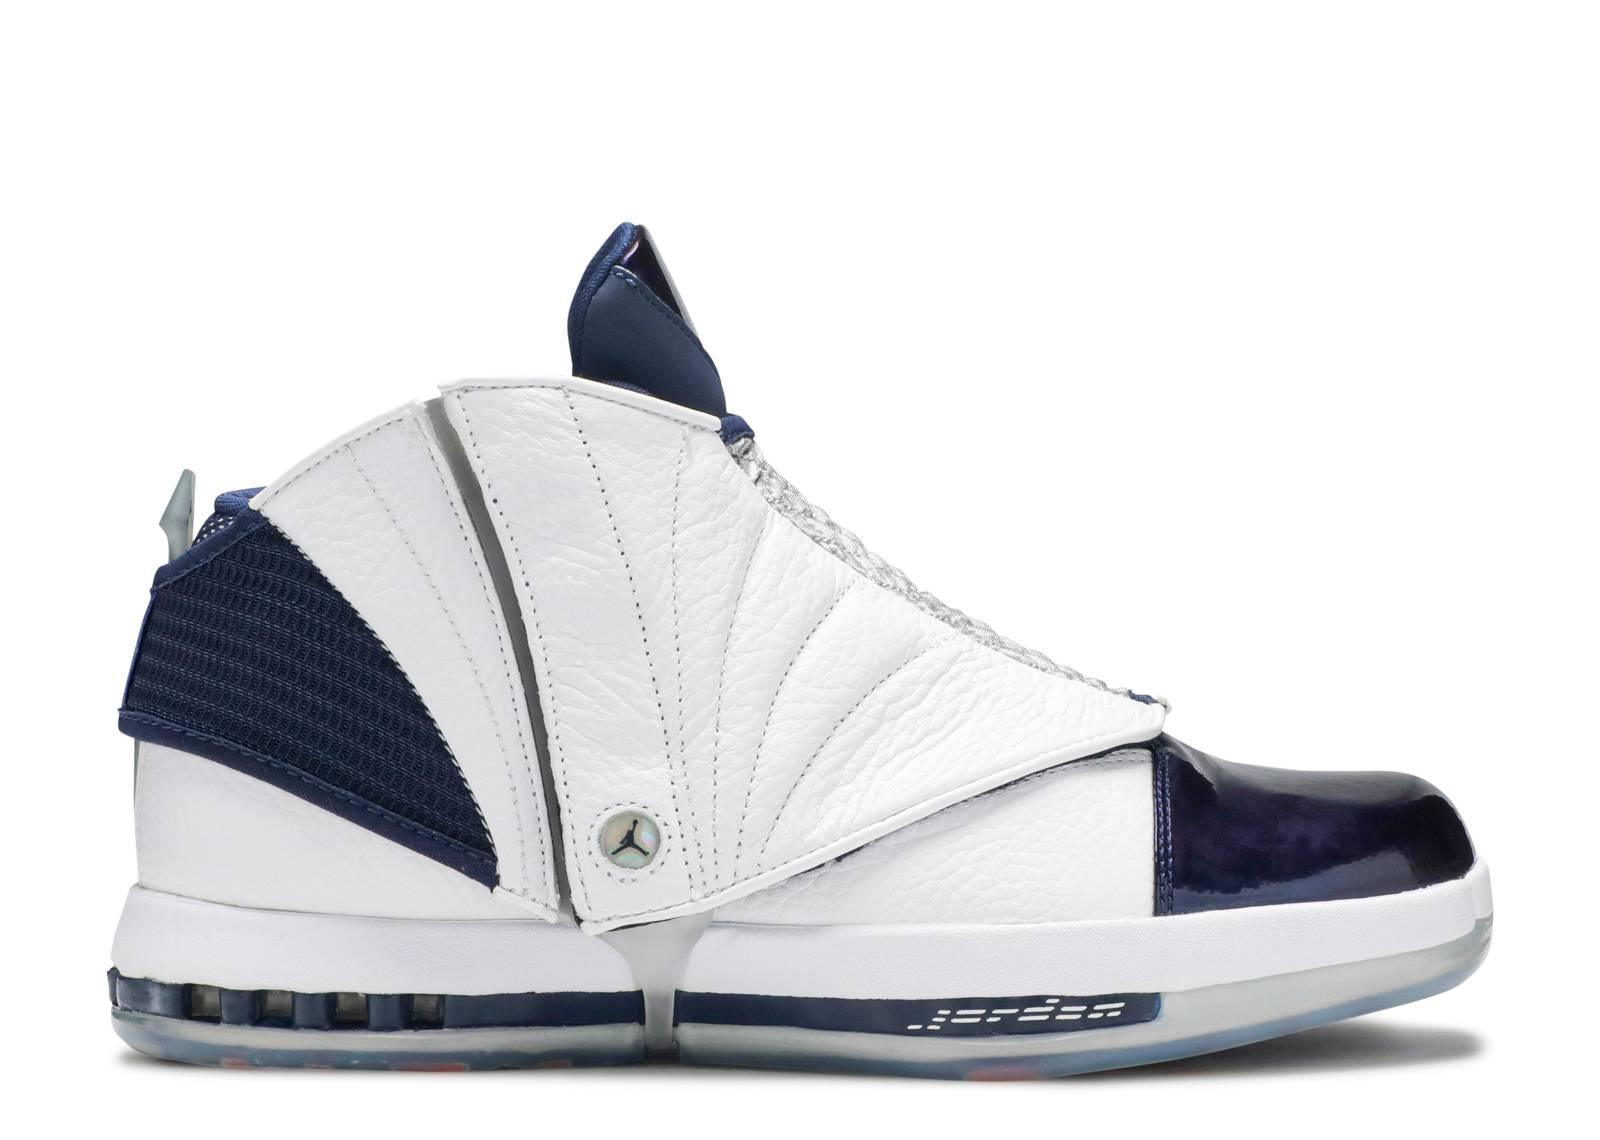 749d7dd4d32 Air Jordan 16 (XVI) Shoes - Nike | Flight Club